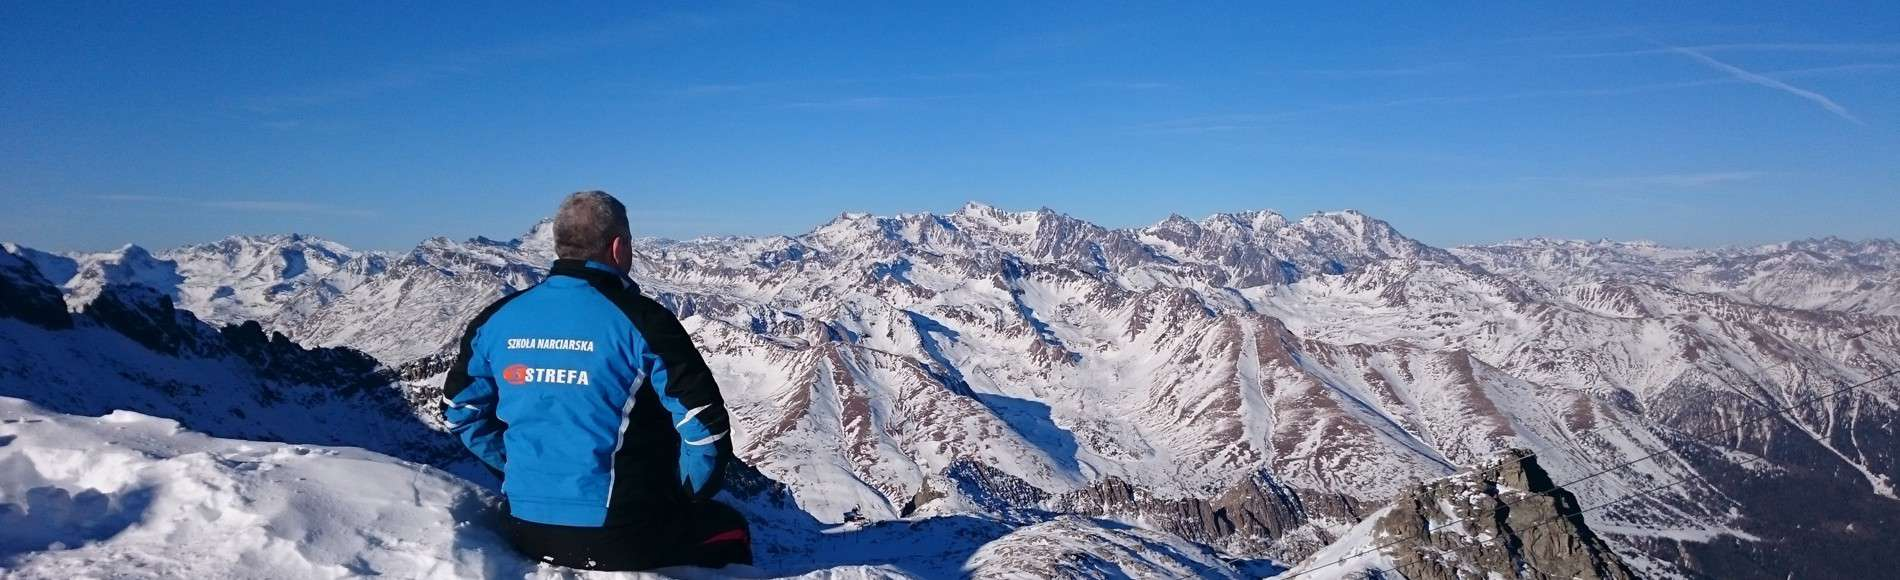 STREFA SPORTU LICENCJONOWANA SZKOŁA NARCIARSKA & SNOWBOARDU